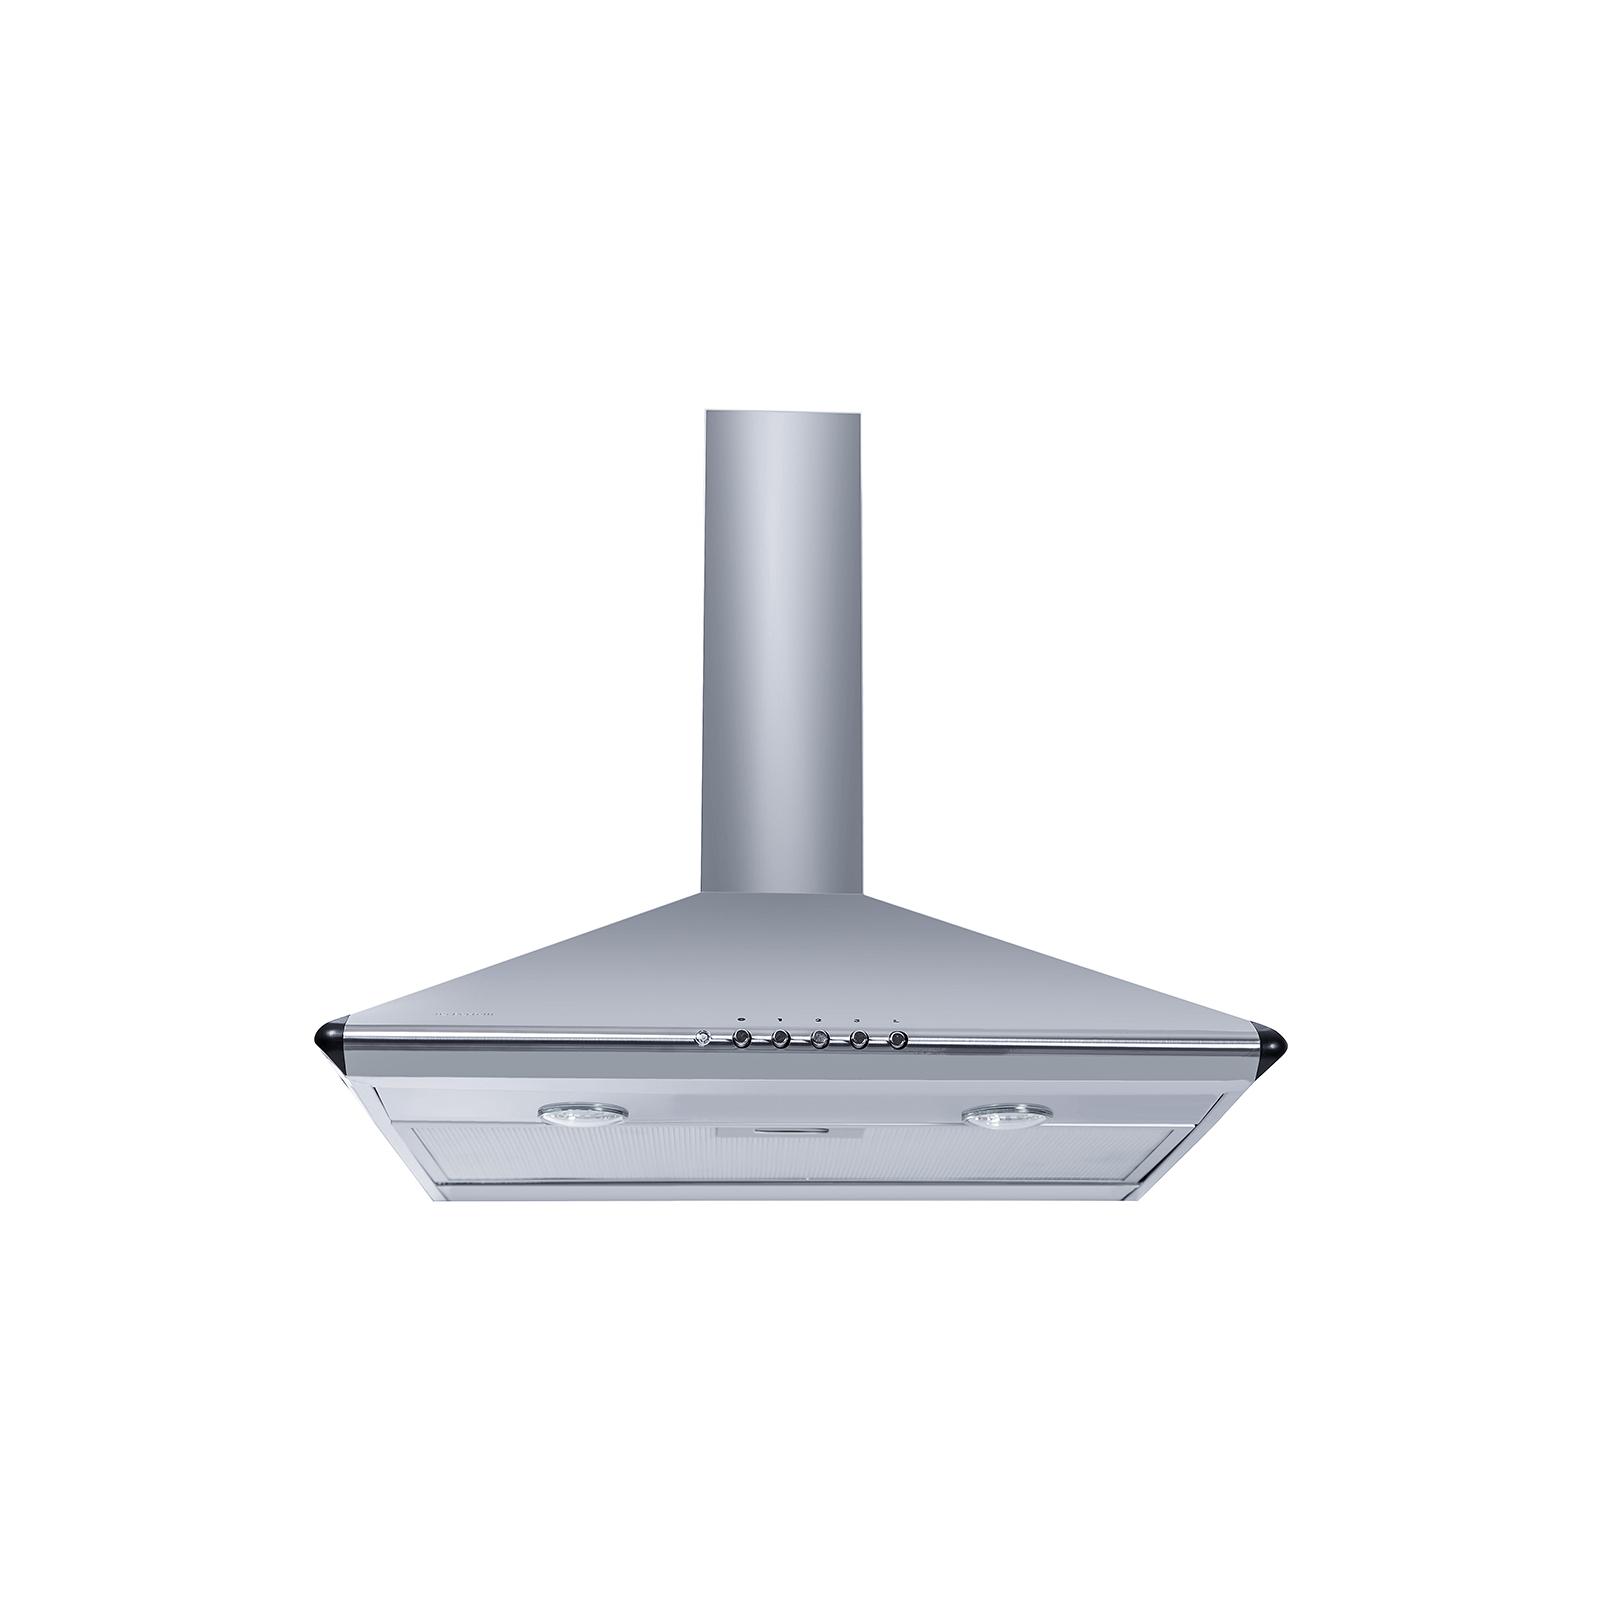 Вытяжка кухонная Perfelli K 611 I изображение 2